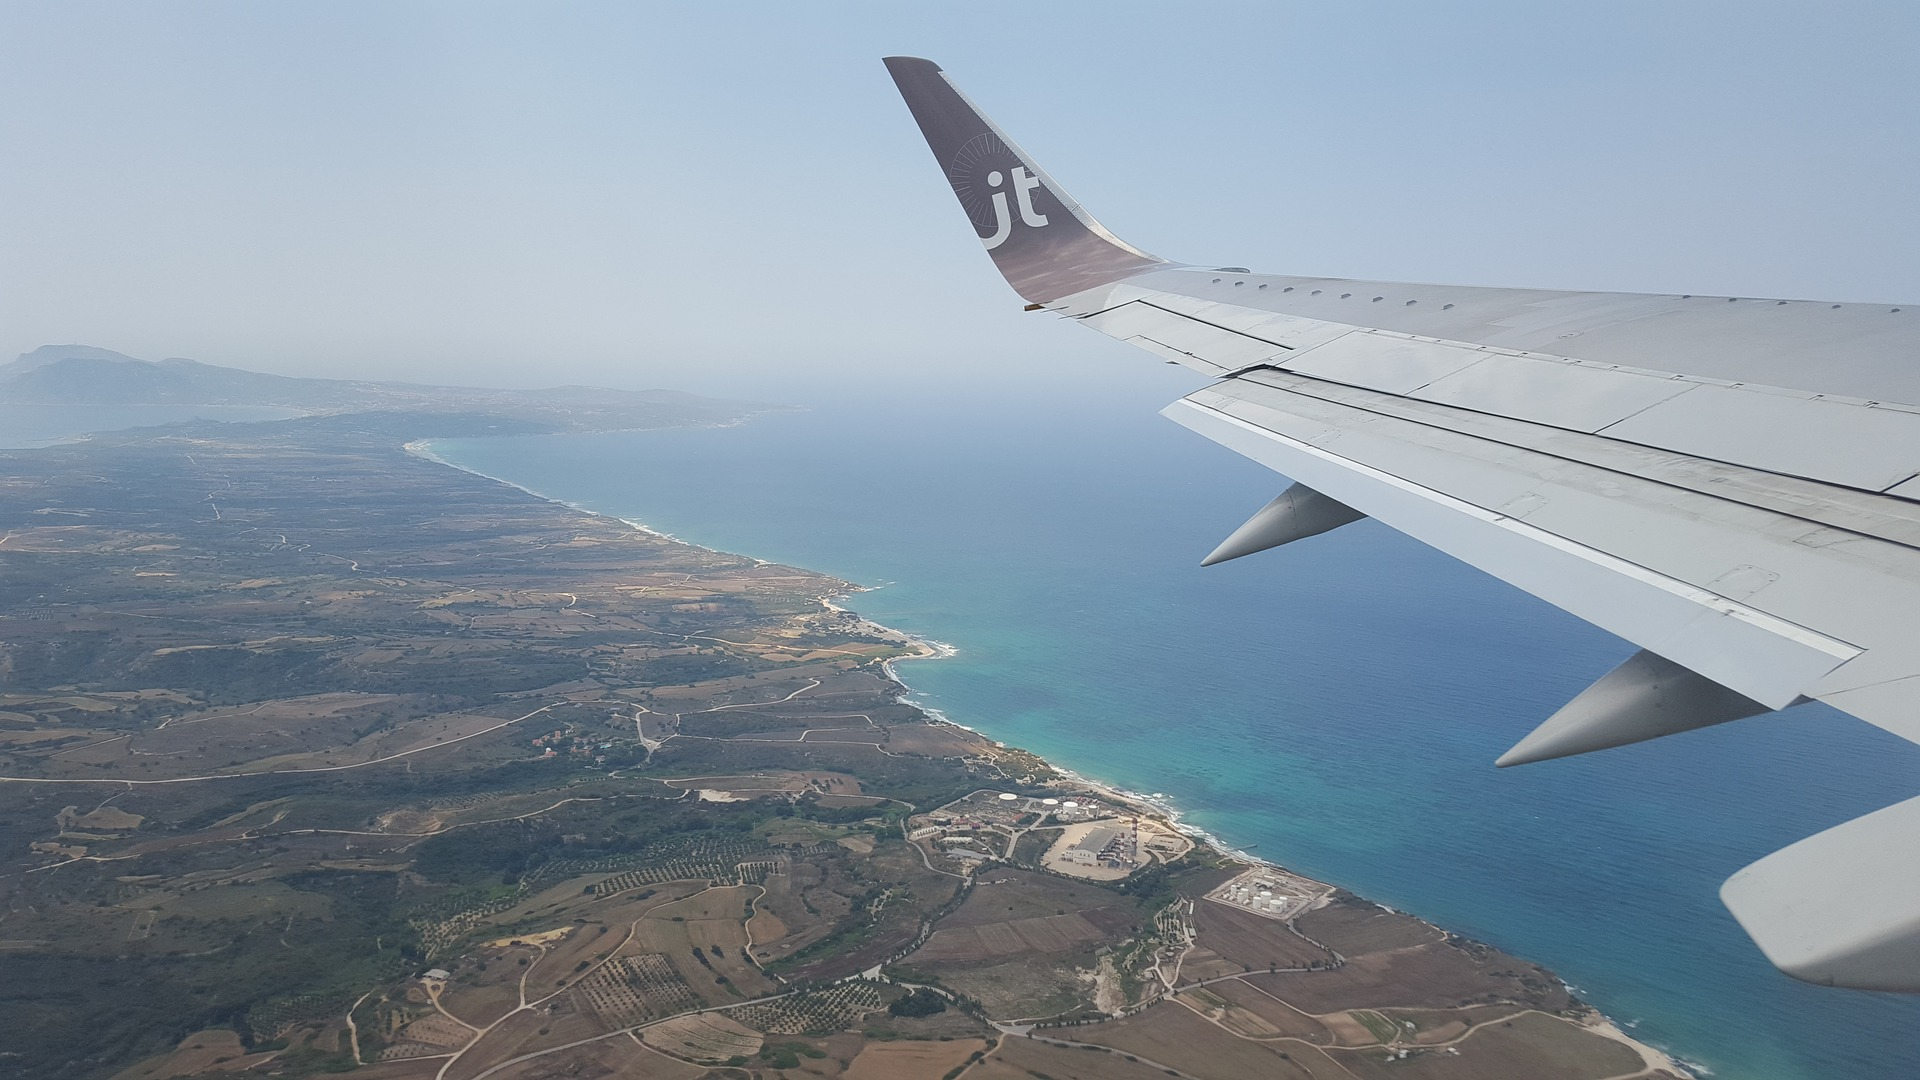 Insel von oben im Flugzeug